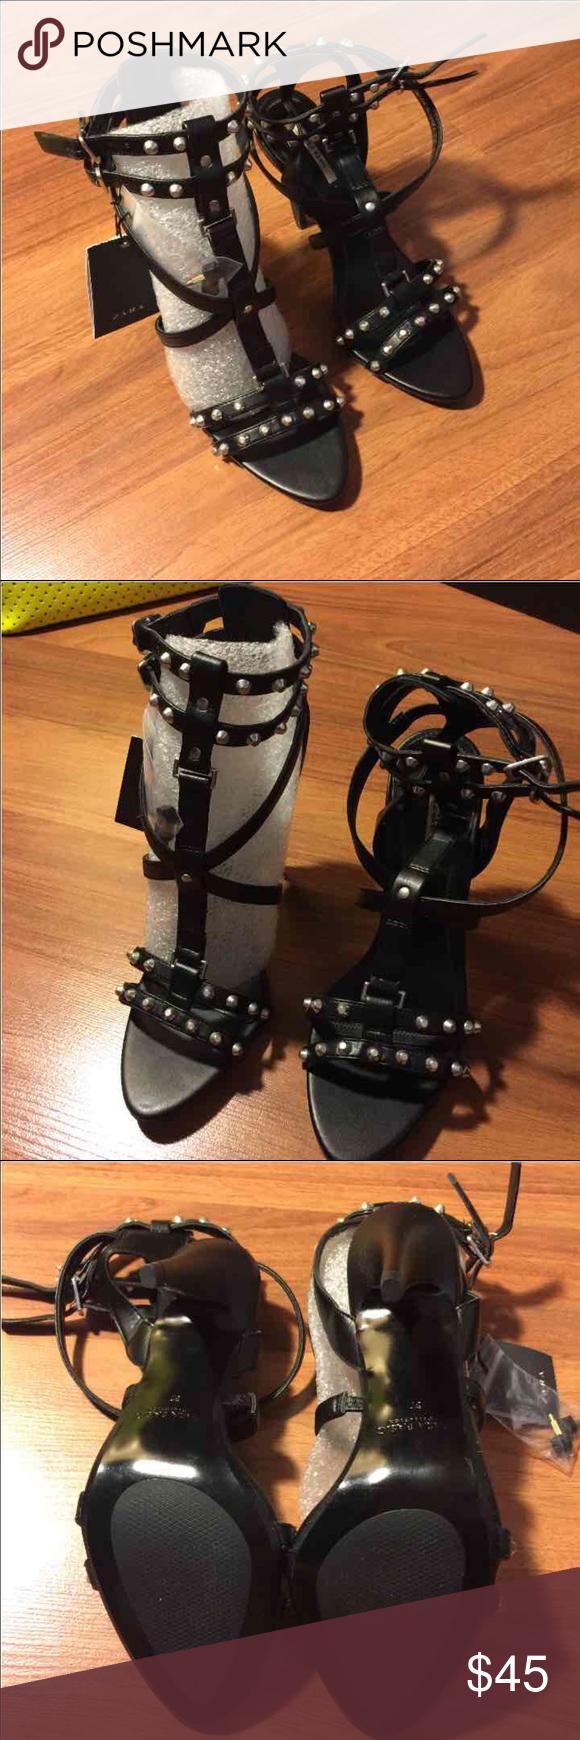 Zara heels BNWT! No box!  Size 6.5/37 Heel is about 3.5 in Zara Shoes